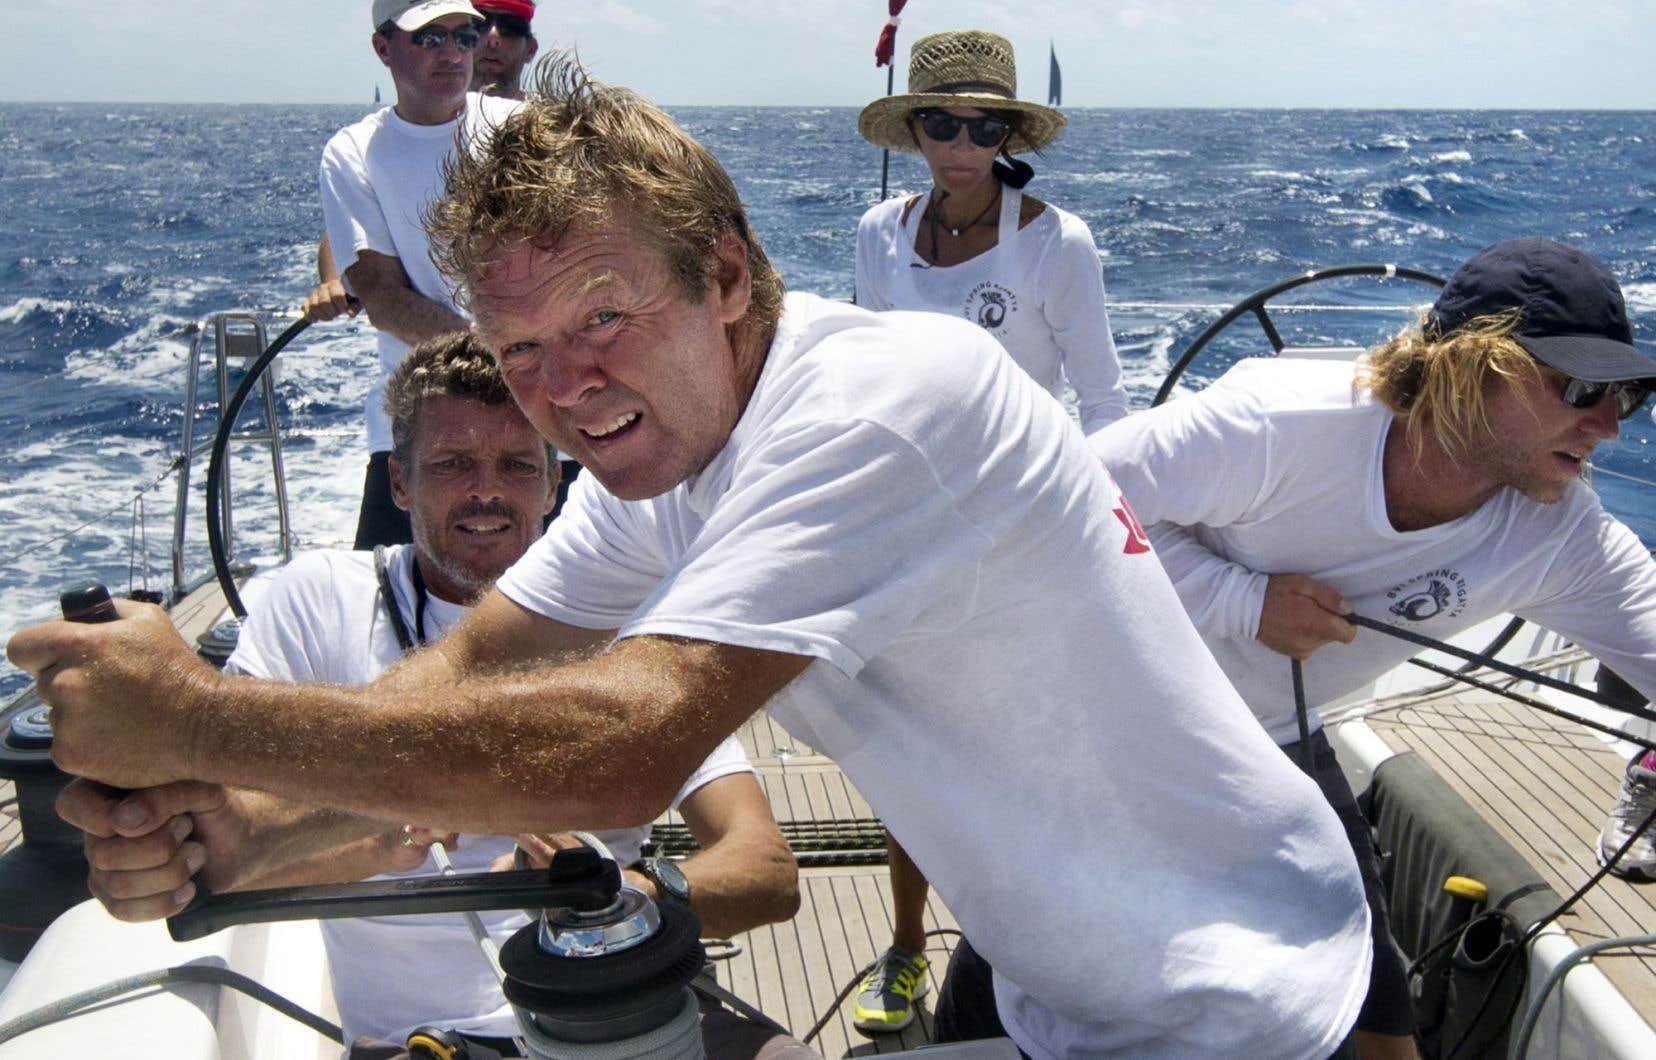 Plus de mille marins du monde entier se retrouvent chaque année à Saint-Barthélemy, dans les Antilles, pour quatre jours de régates.